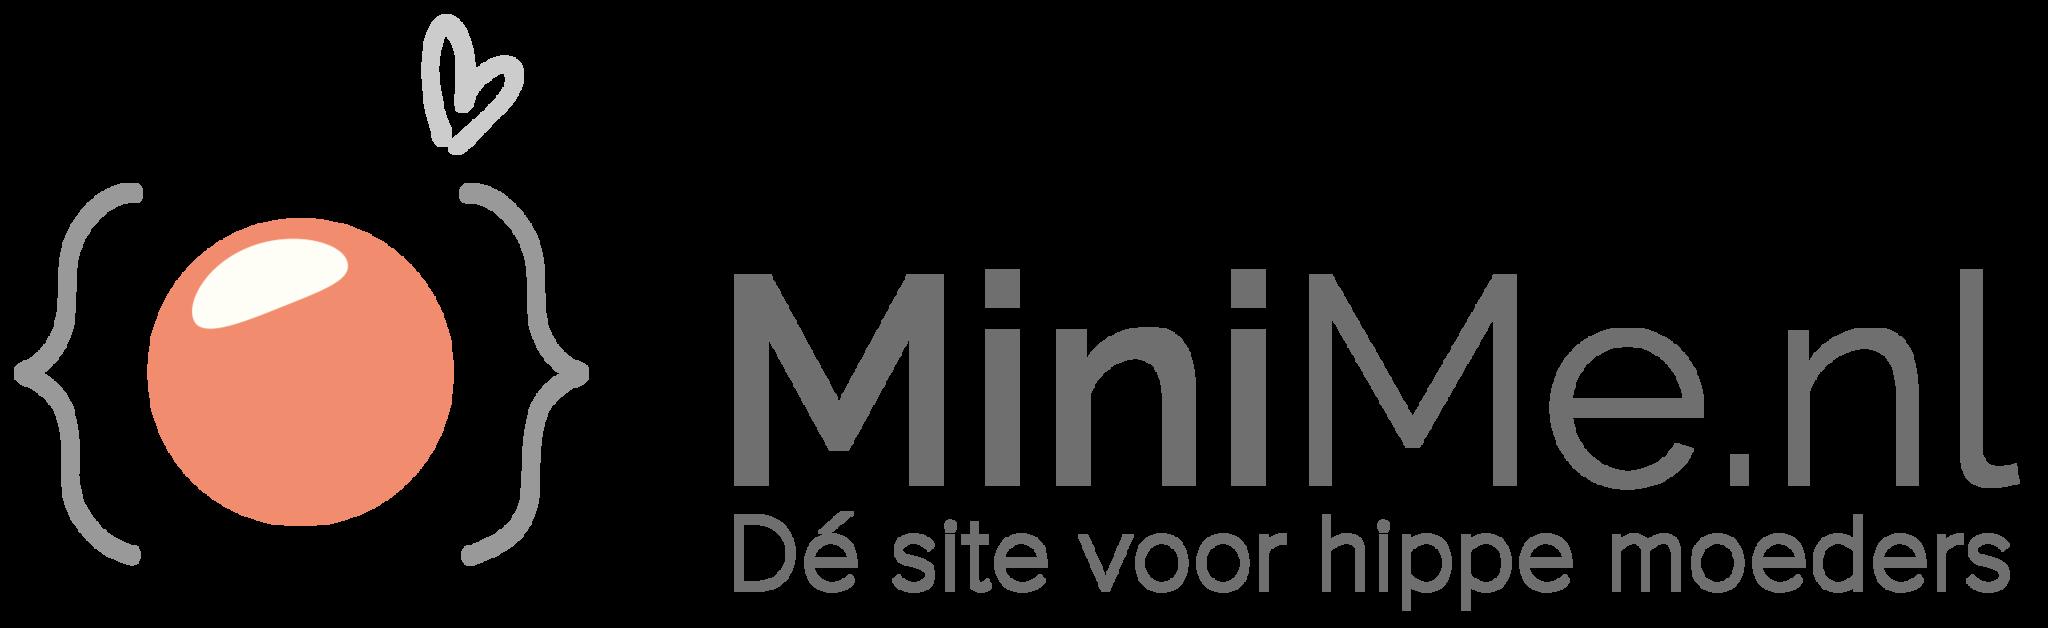 Aktie Minime.nl